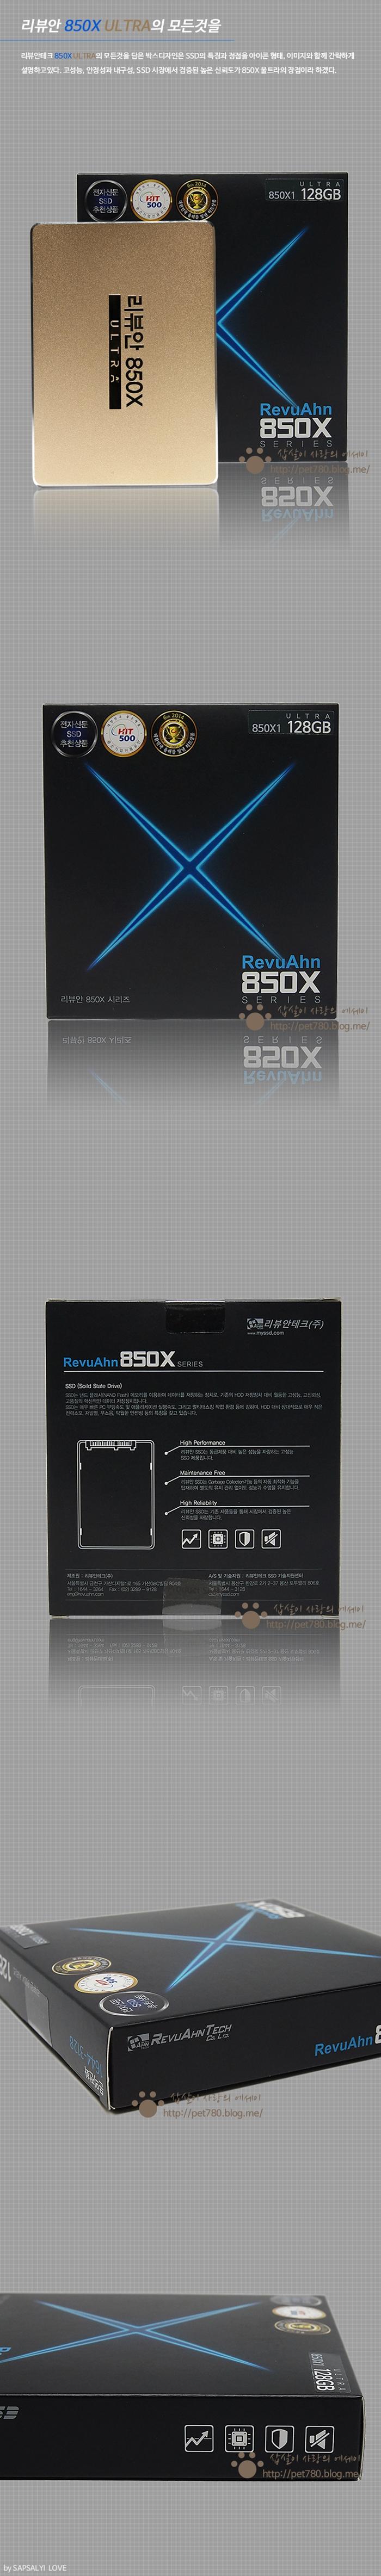 리뷰안테크 SSD 패키지1 850X ULTRA.jpg